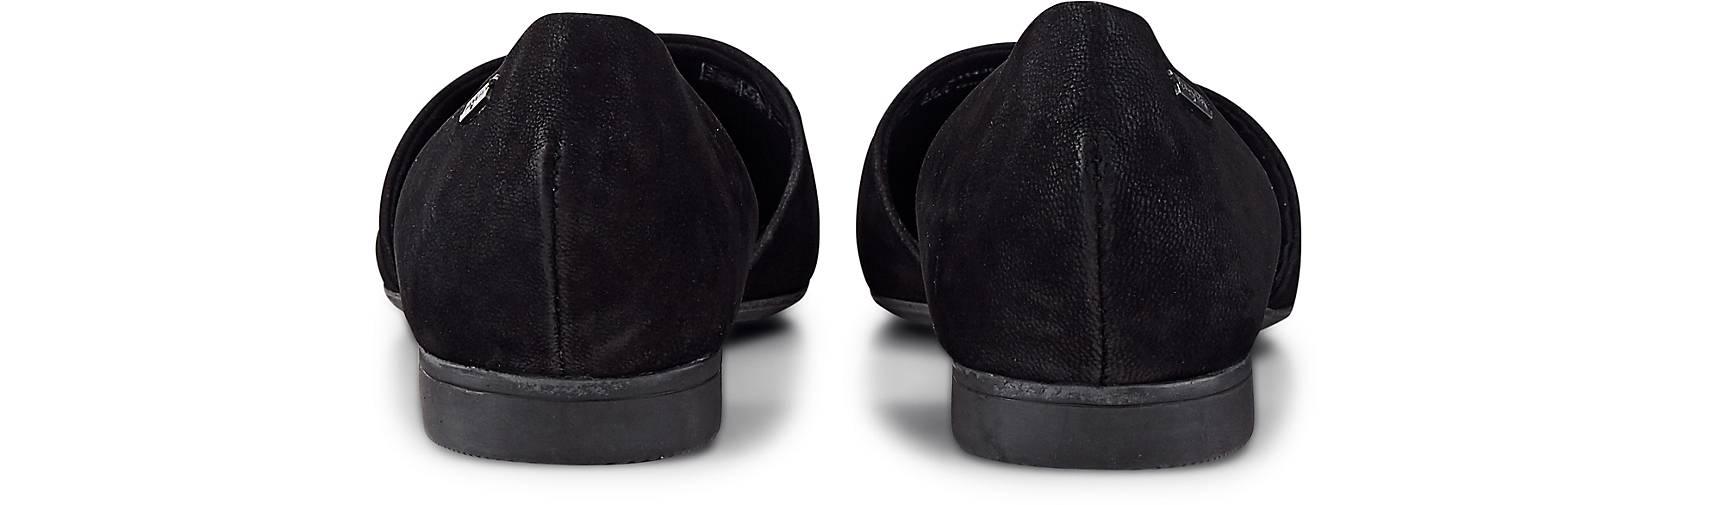 Bugatti Fashion-Ballerina in schwarz | kaufen - 47147401 | schwarz GÖRTZ 419096